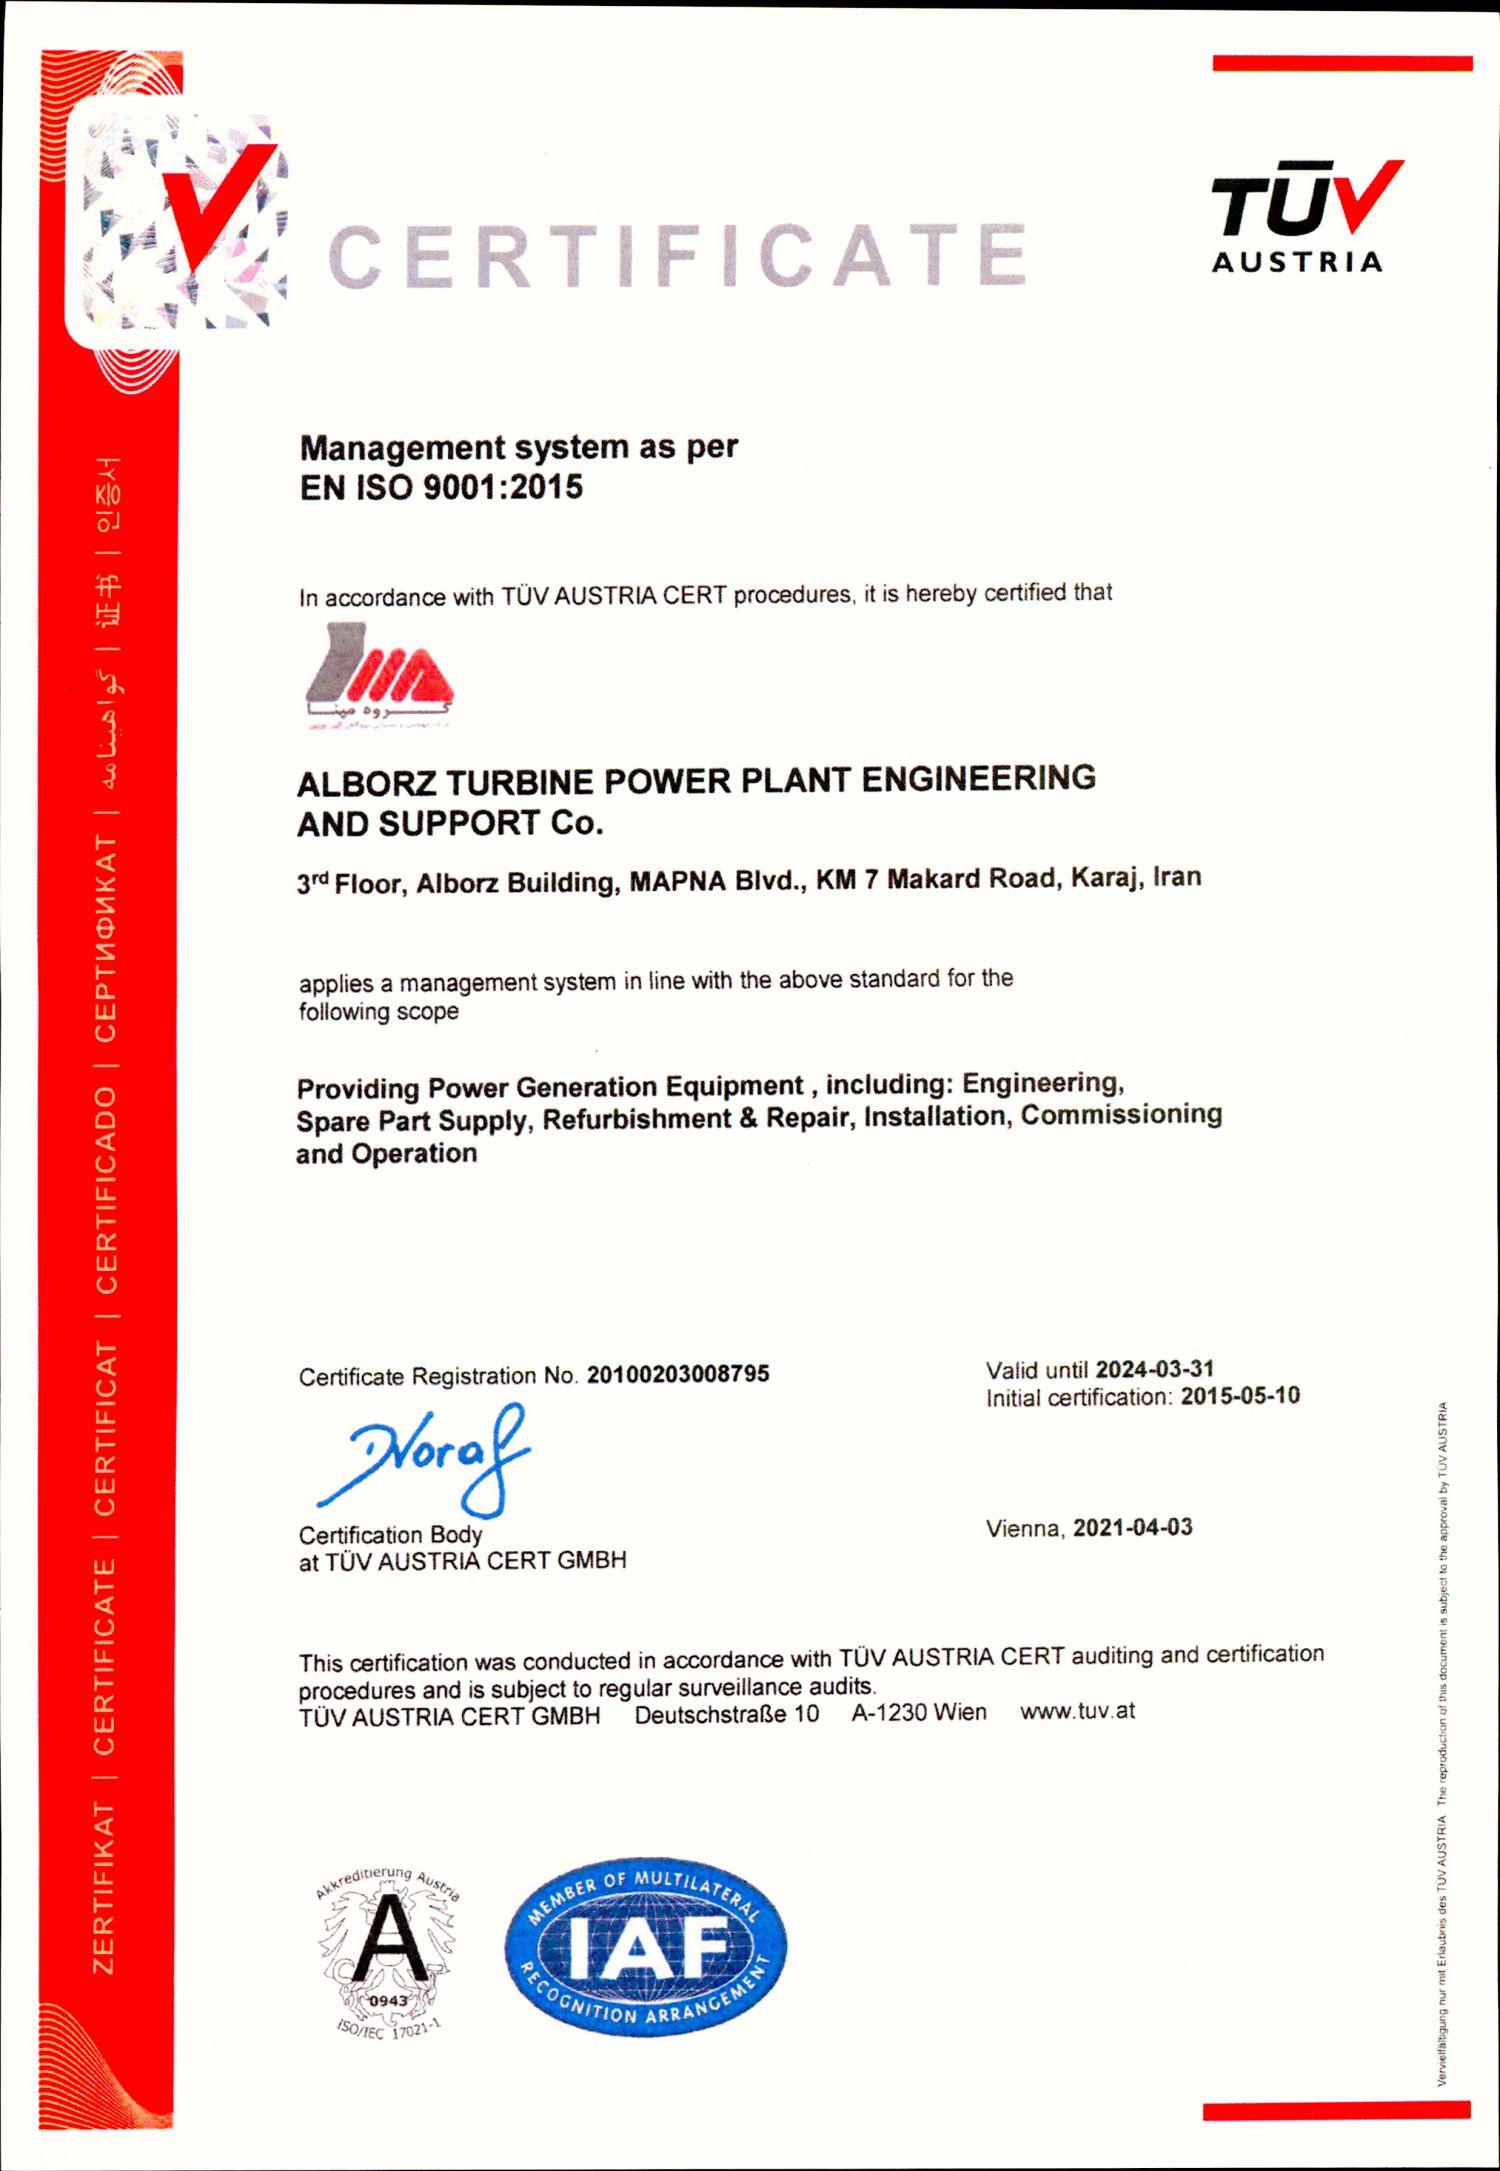 گواهينامه شركت البرز توربين - ISO9001-2015